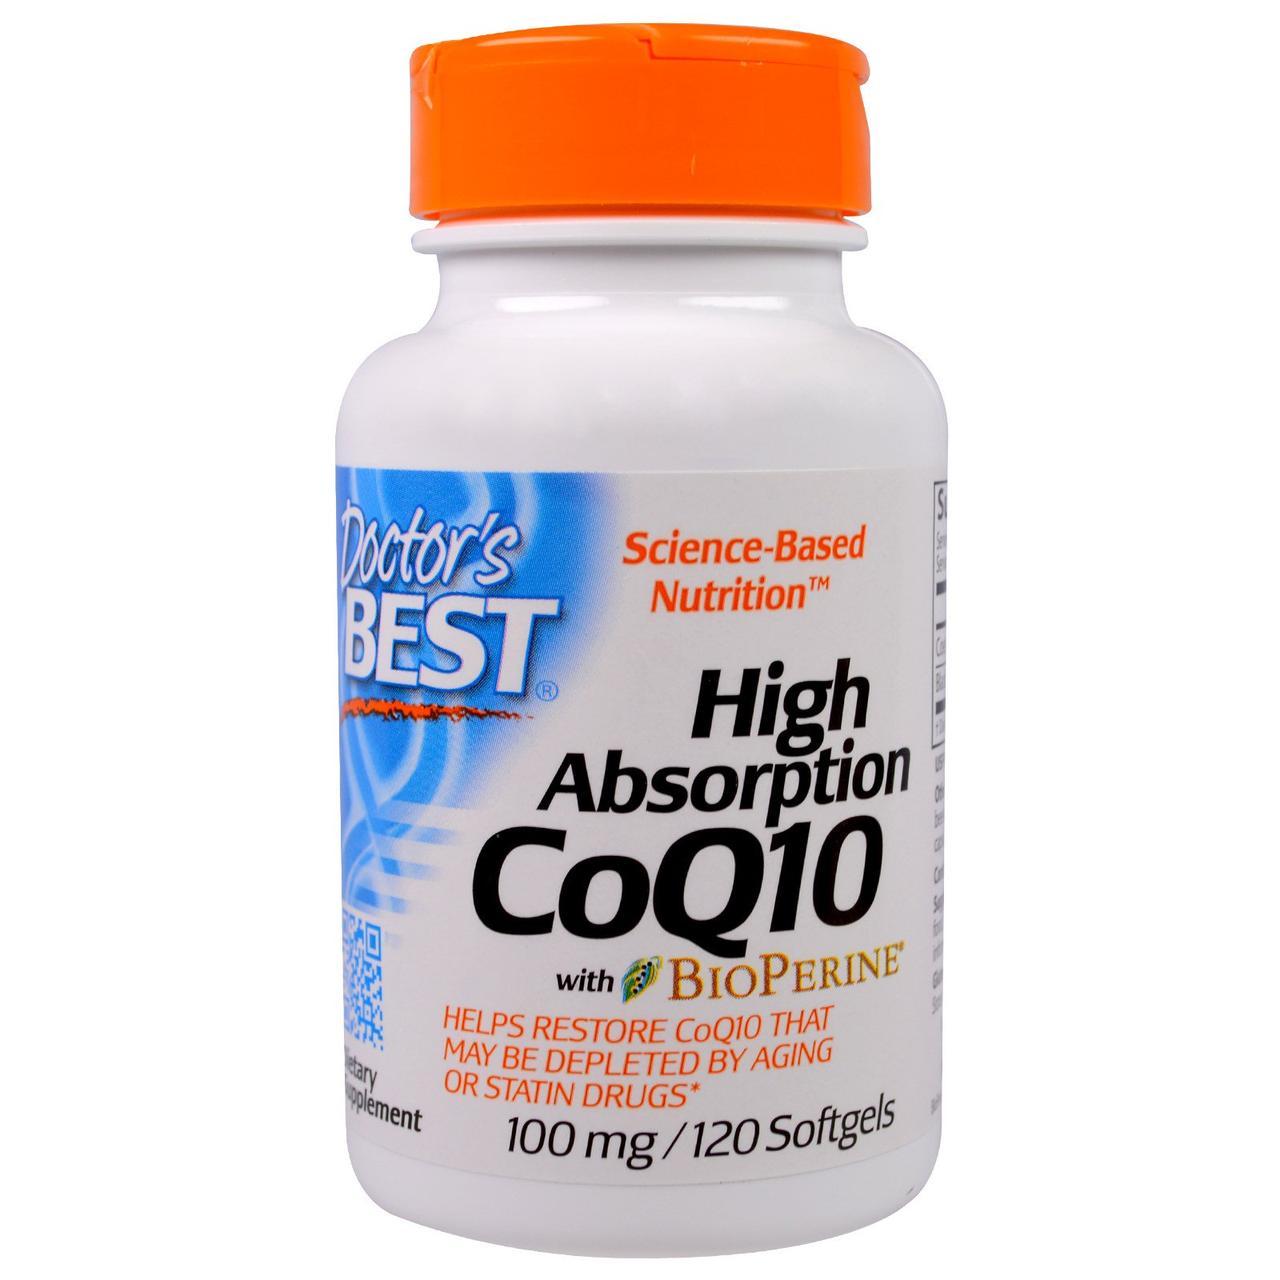 Коэнзим Q10 Высокой Абсорбации 100мг, BioPerine, Doctor's Best, 120 желатиновых капсул